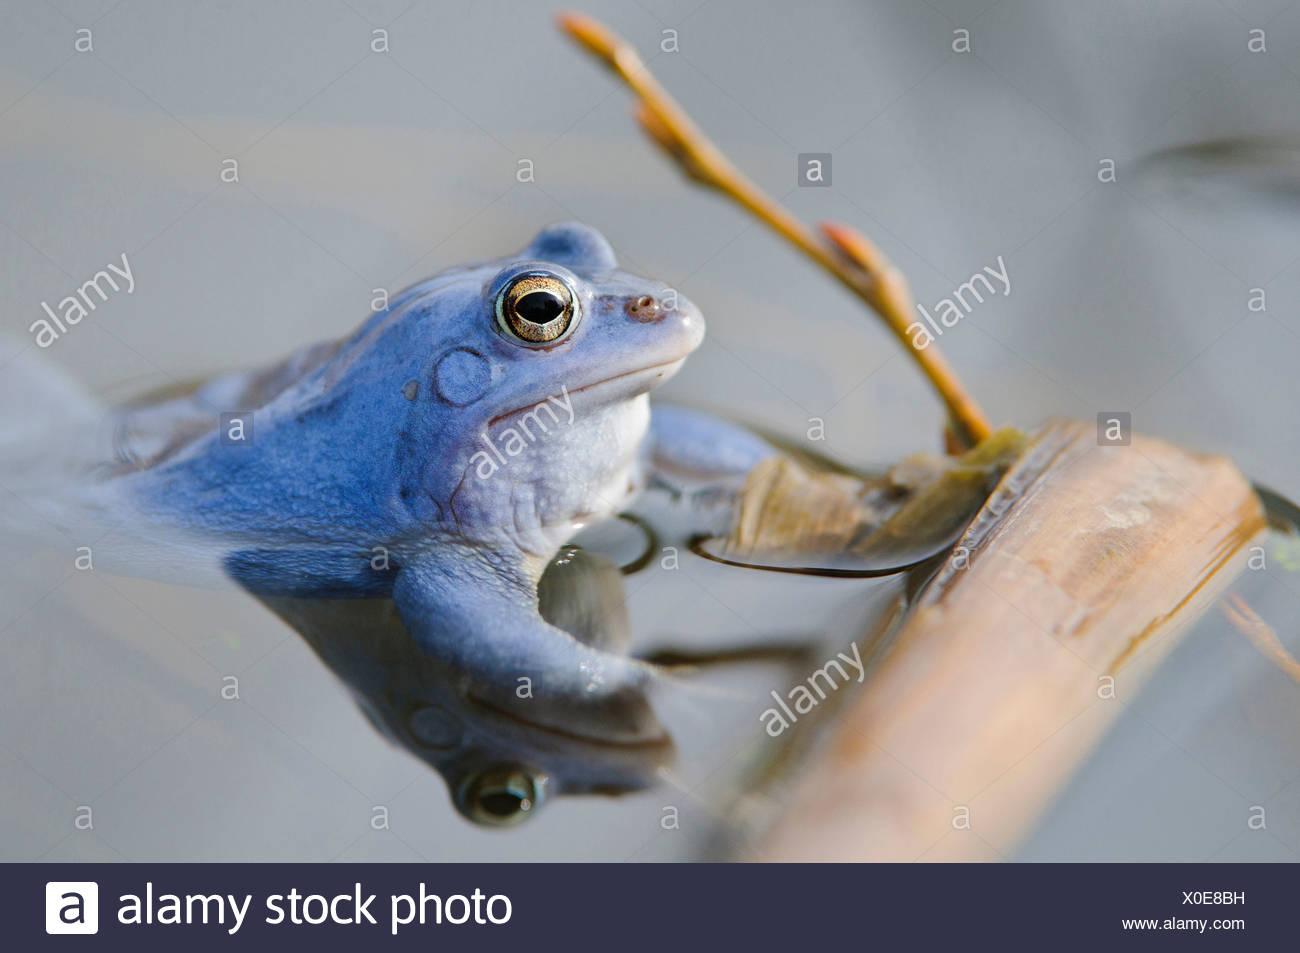 Moor frog, homme à la saison des amours, Rana arvalis, Basse-Saxe, Allemagne Banque D'Images